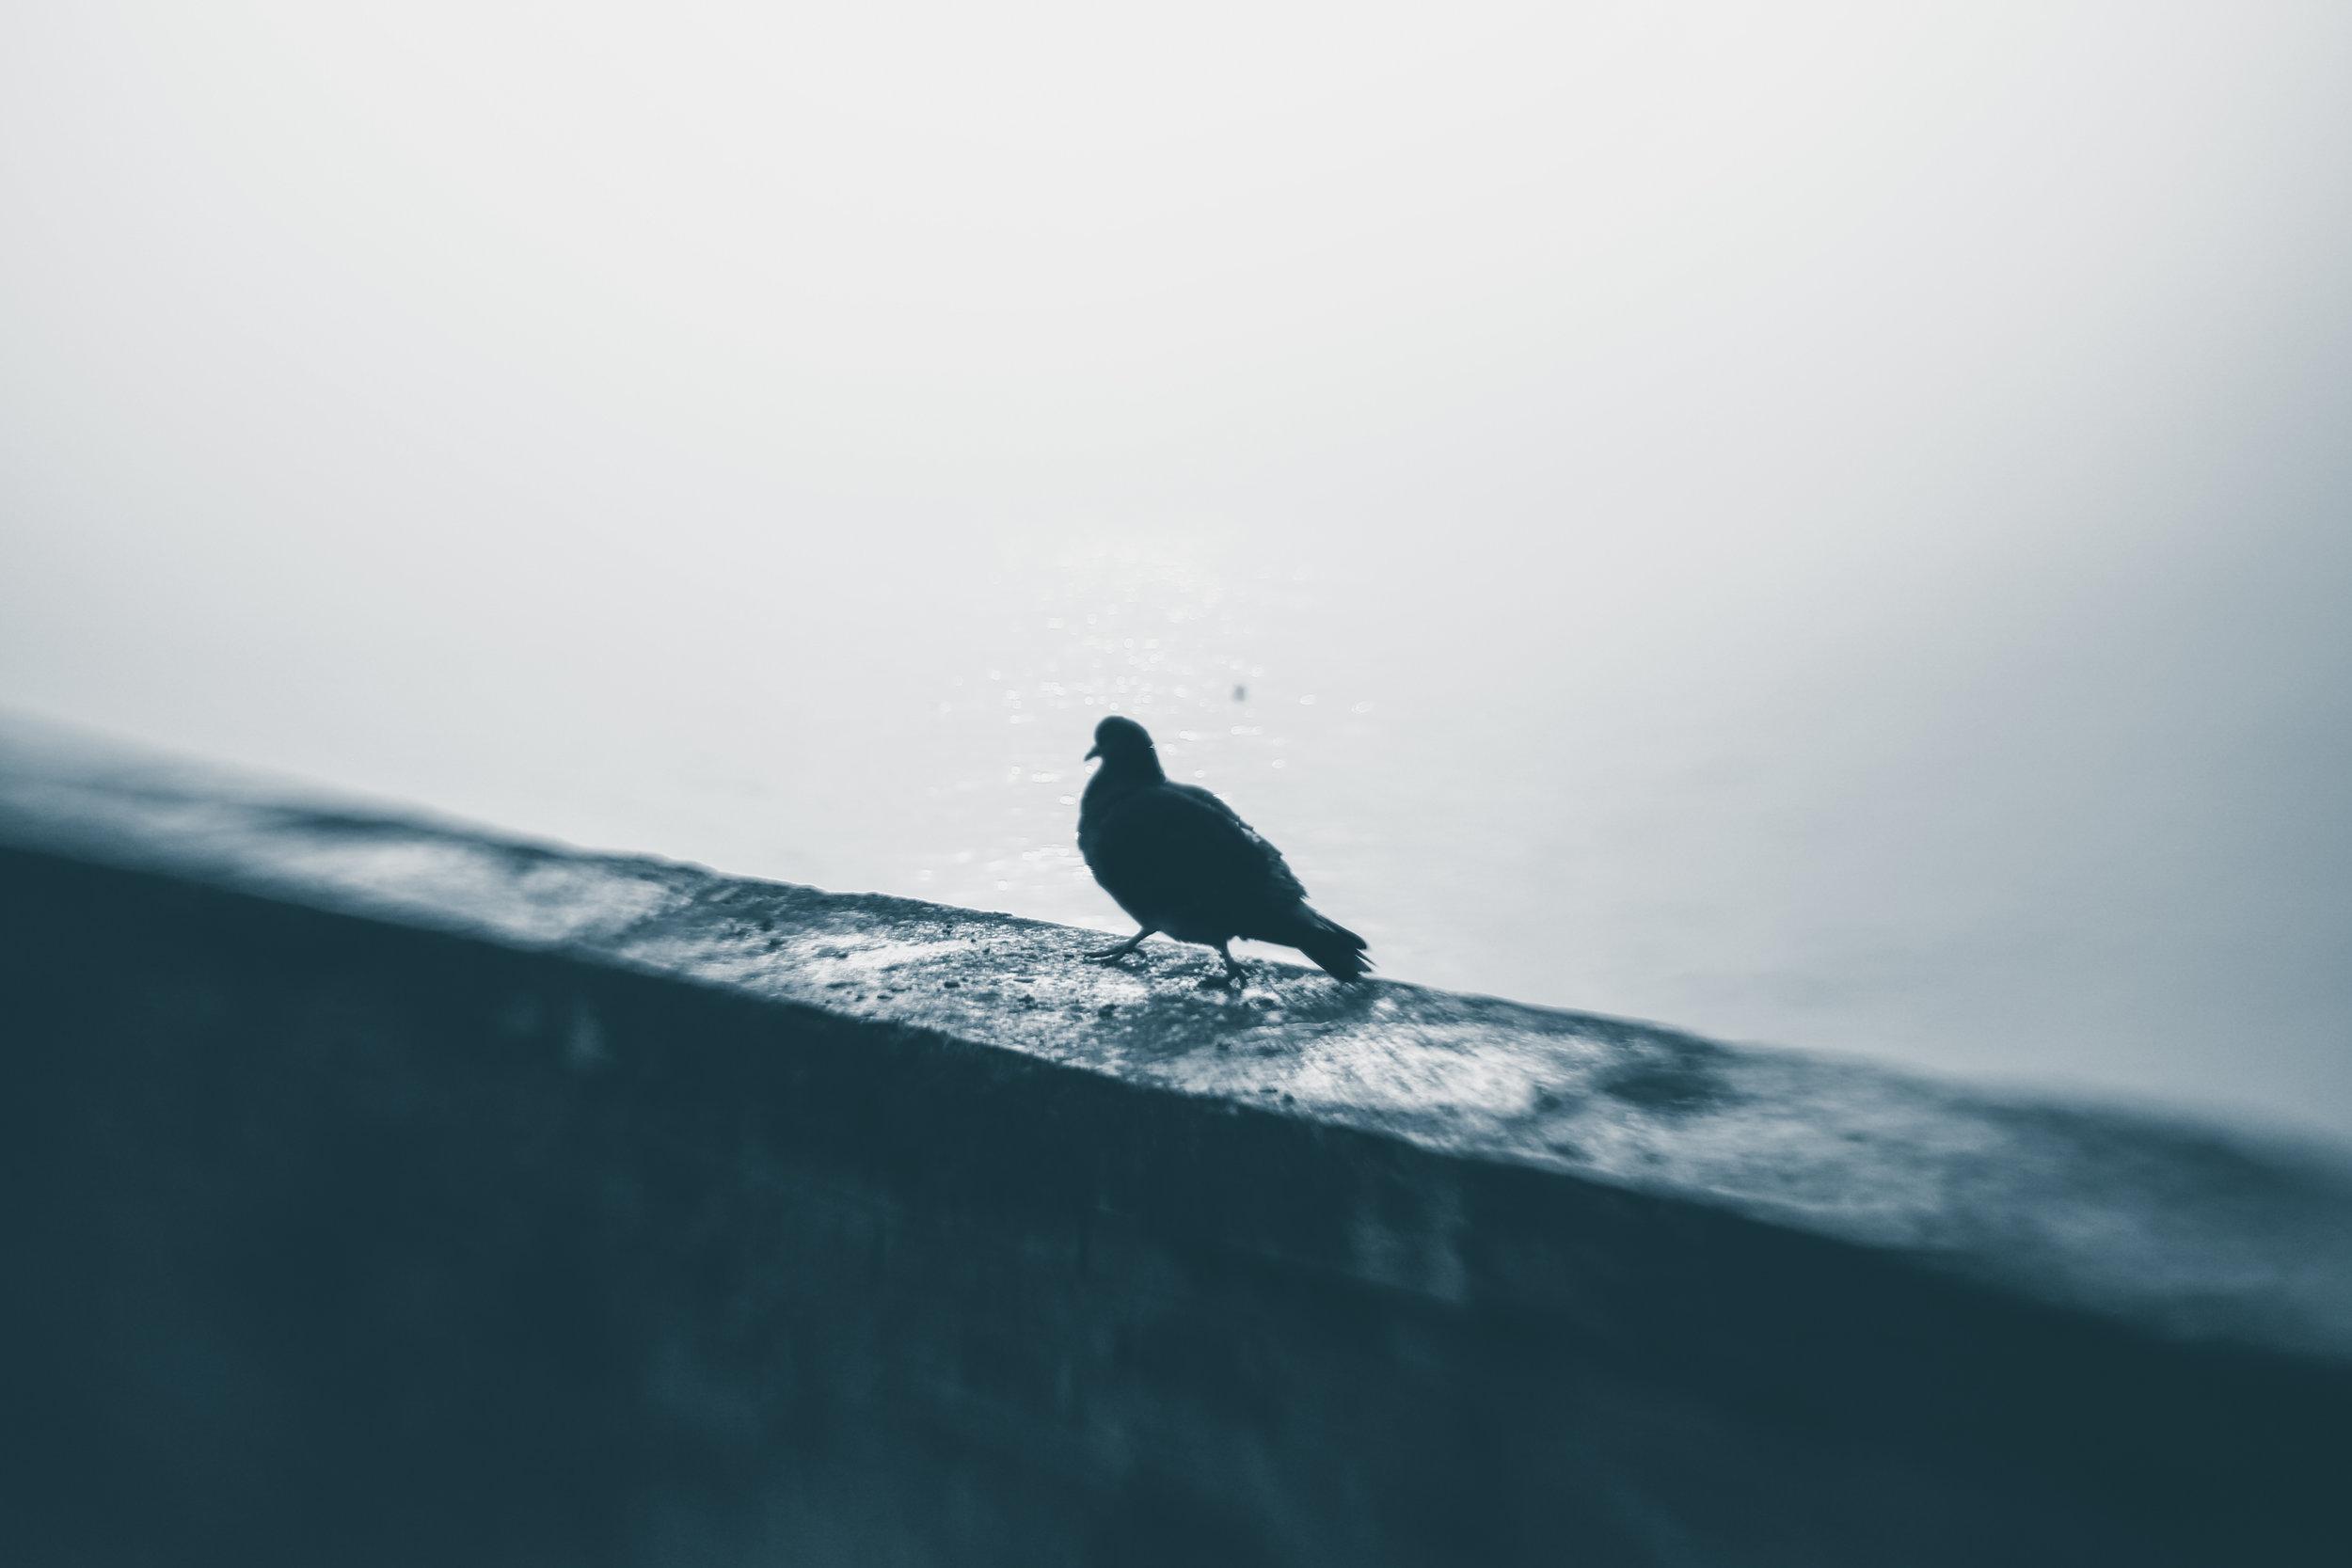 20181229_veniceLB_castello_fog-56.jpg